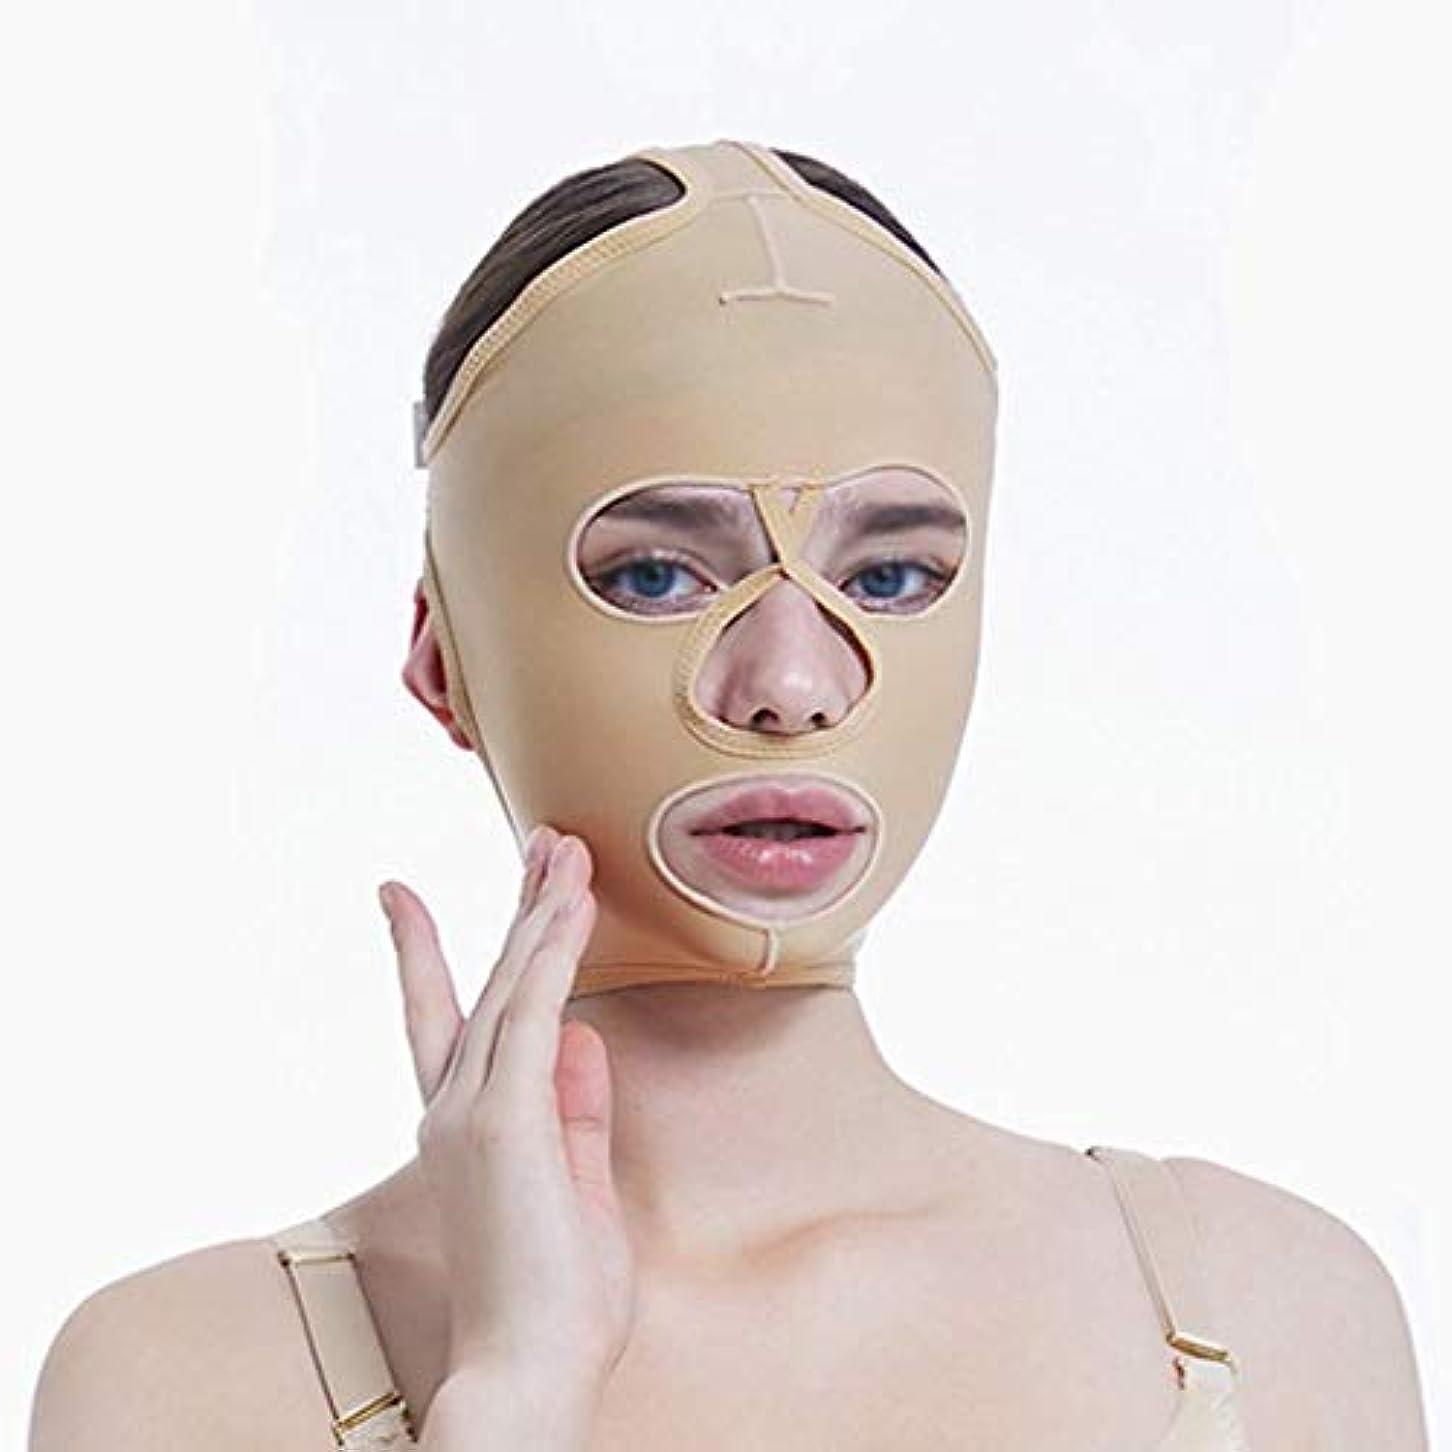 弁護人間違えた時チンリフティングベルト、超薄型ベルト、引き締めマスク、包帯吊り、フェイスリフティングマスク、超薄型ベルト、通気性(サイズ:L),S